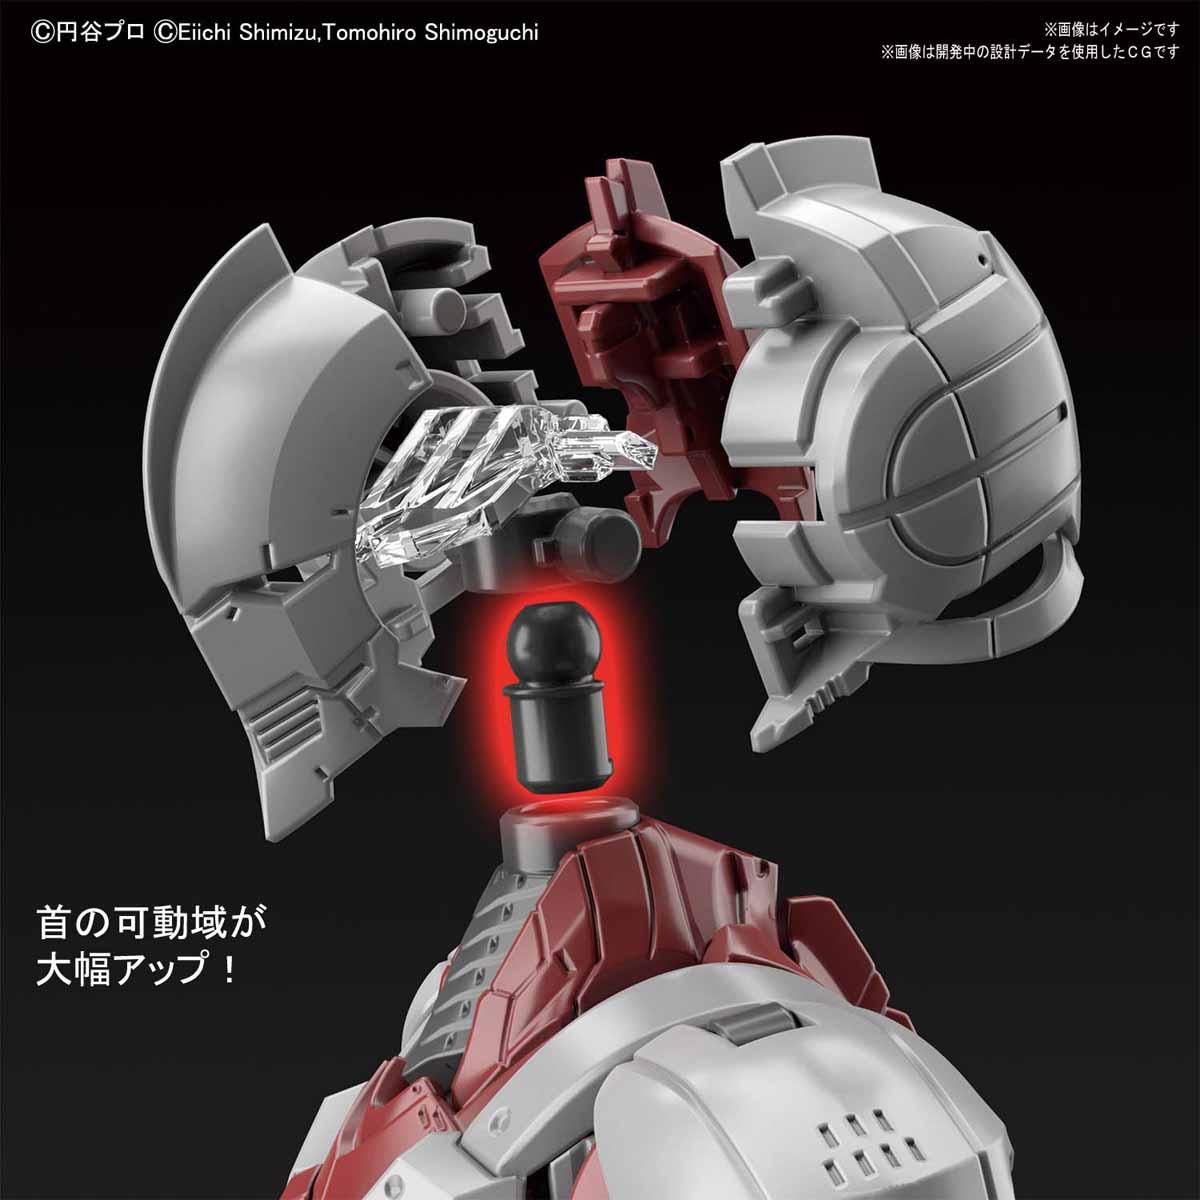 Figure-rise Standard『ULTRAMAN [B TYPE] -ACTION-』ウルトラマンスーツ Bタイプ 1/12 プラモデル-005